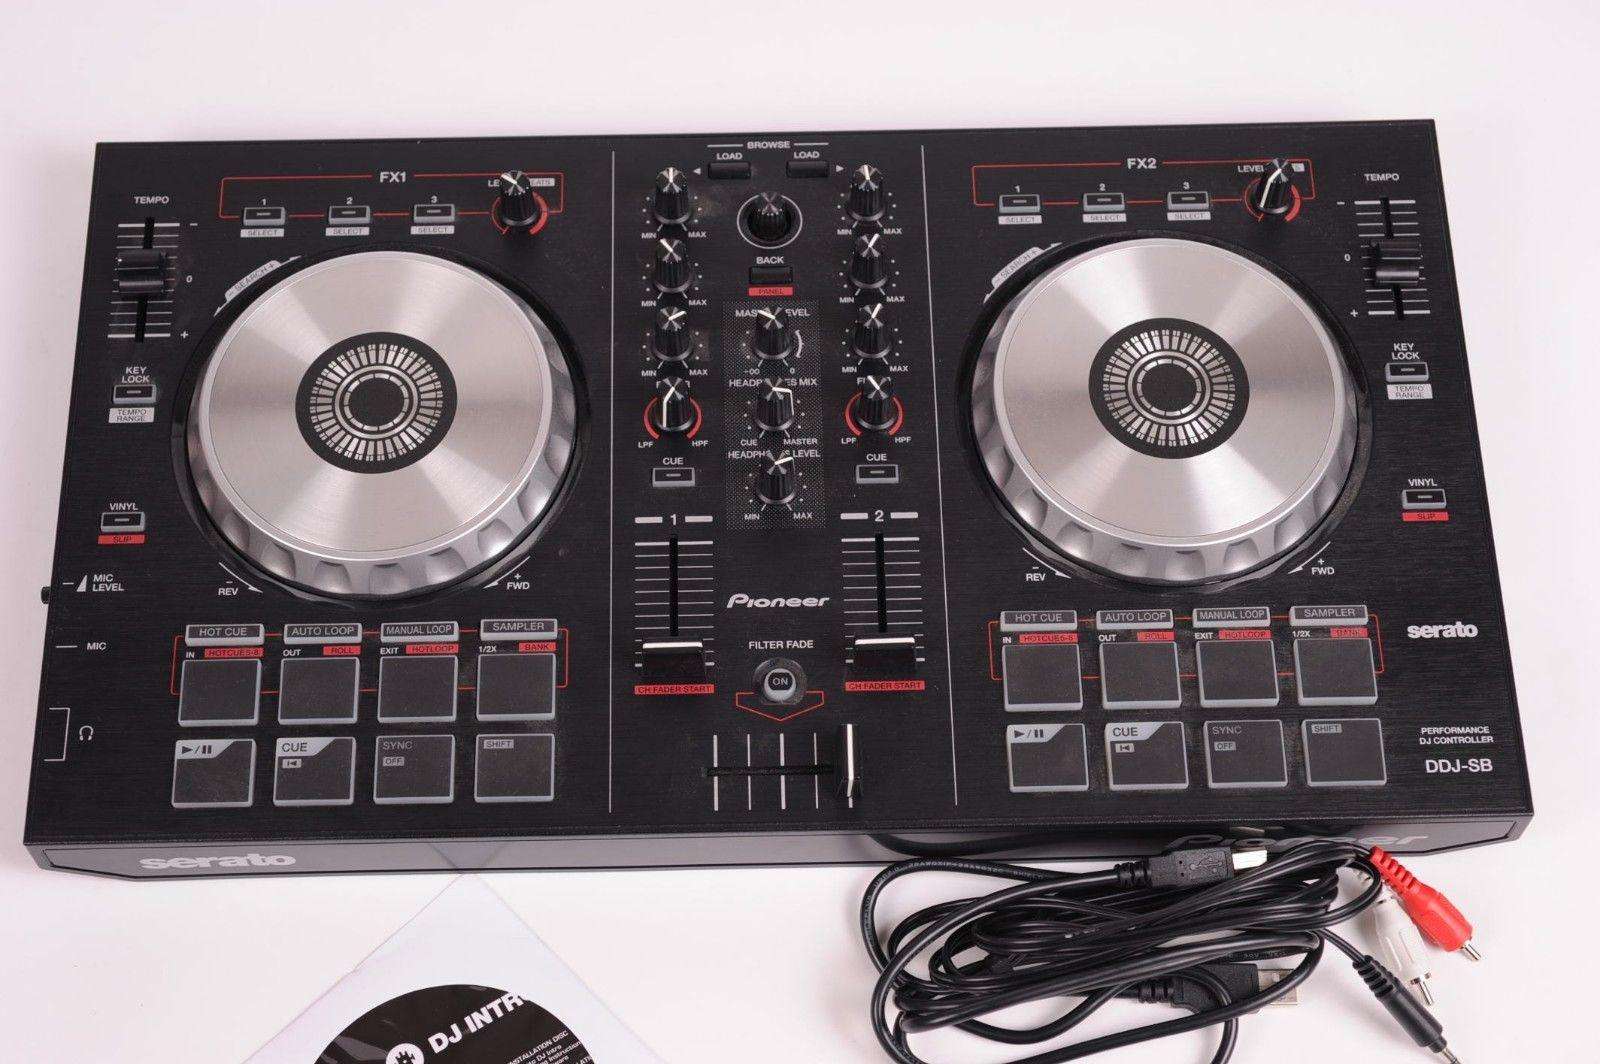 ΝΕΟΣ!! Pioneer DJ ψηφιακός ελεγκτής DDJ-SB Serato Mixer Scratcher από τις ΗΠΑ